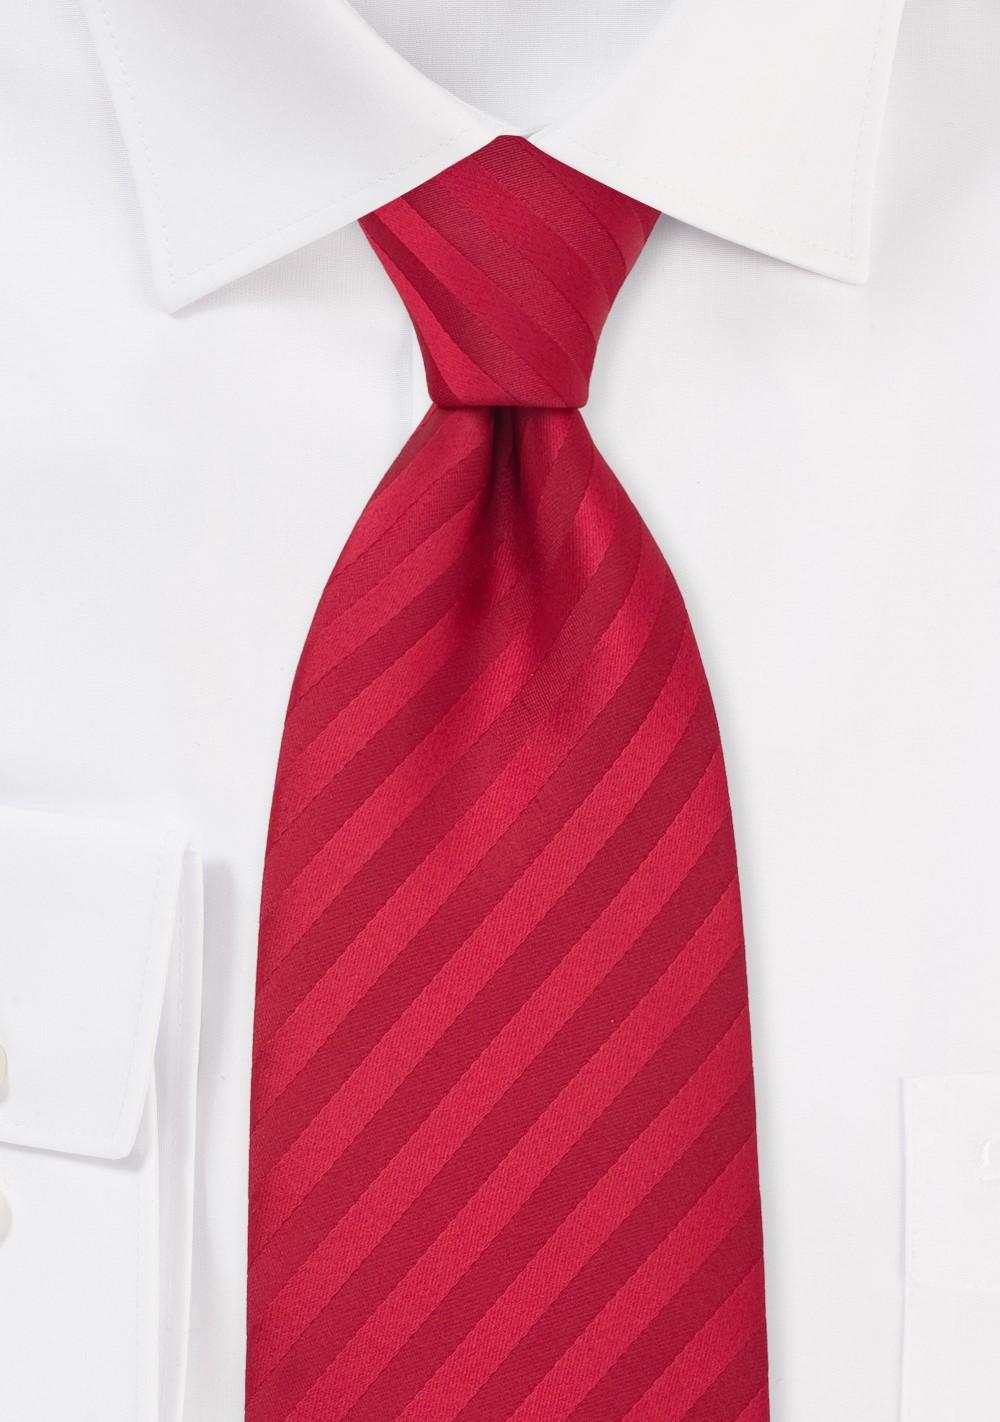 Solid Cherry Red Clip on Necktie